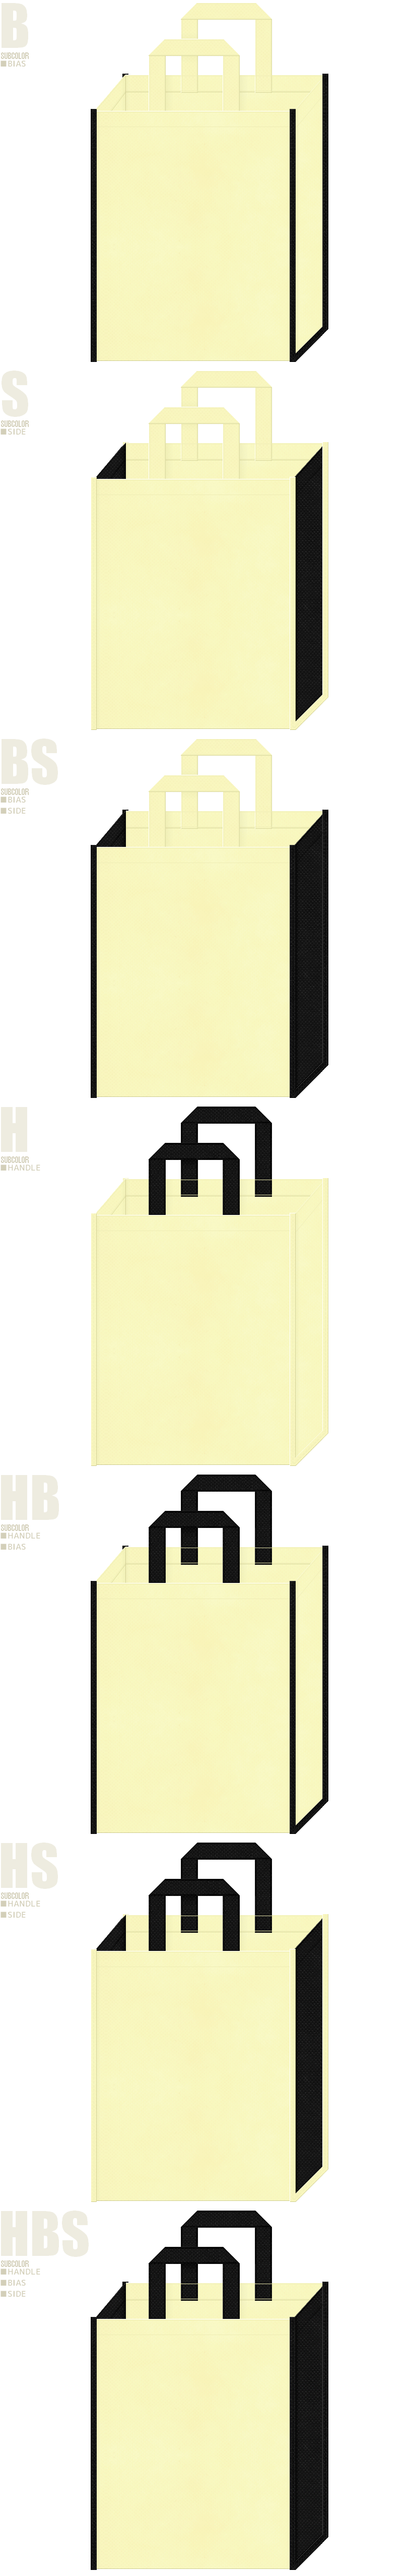 薄黄色と黒色、7パターンの不織布トートバッグ配色デザイン例。